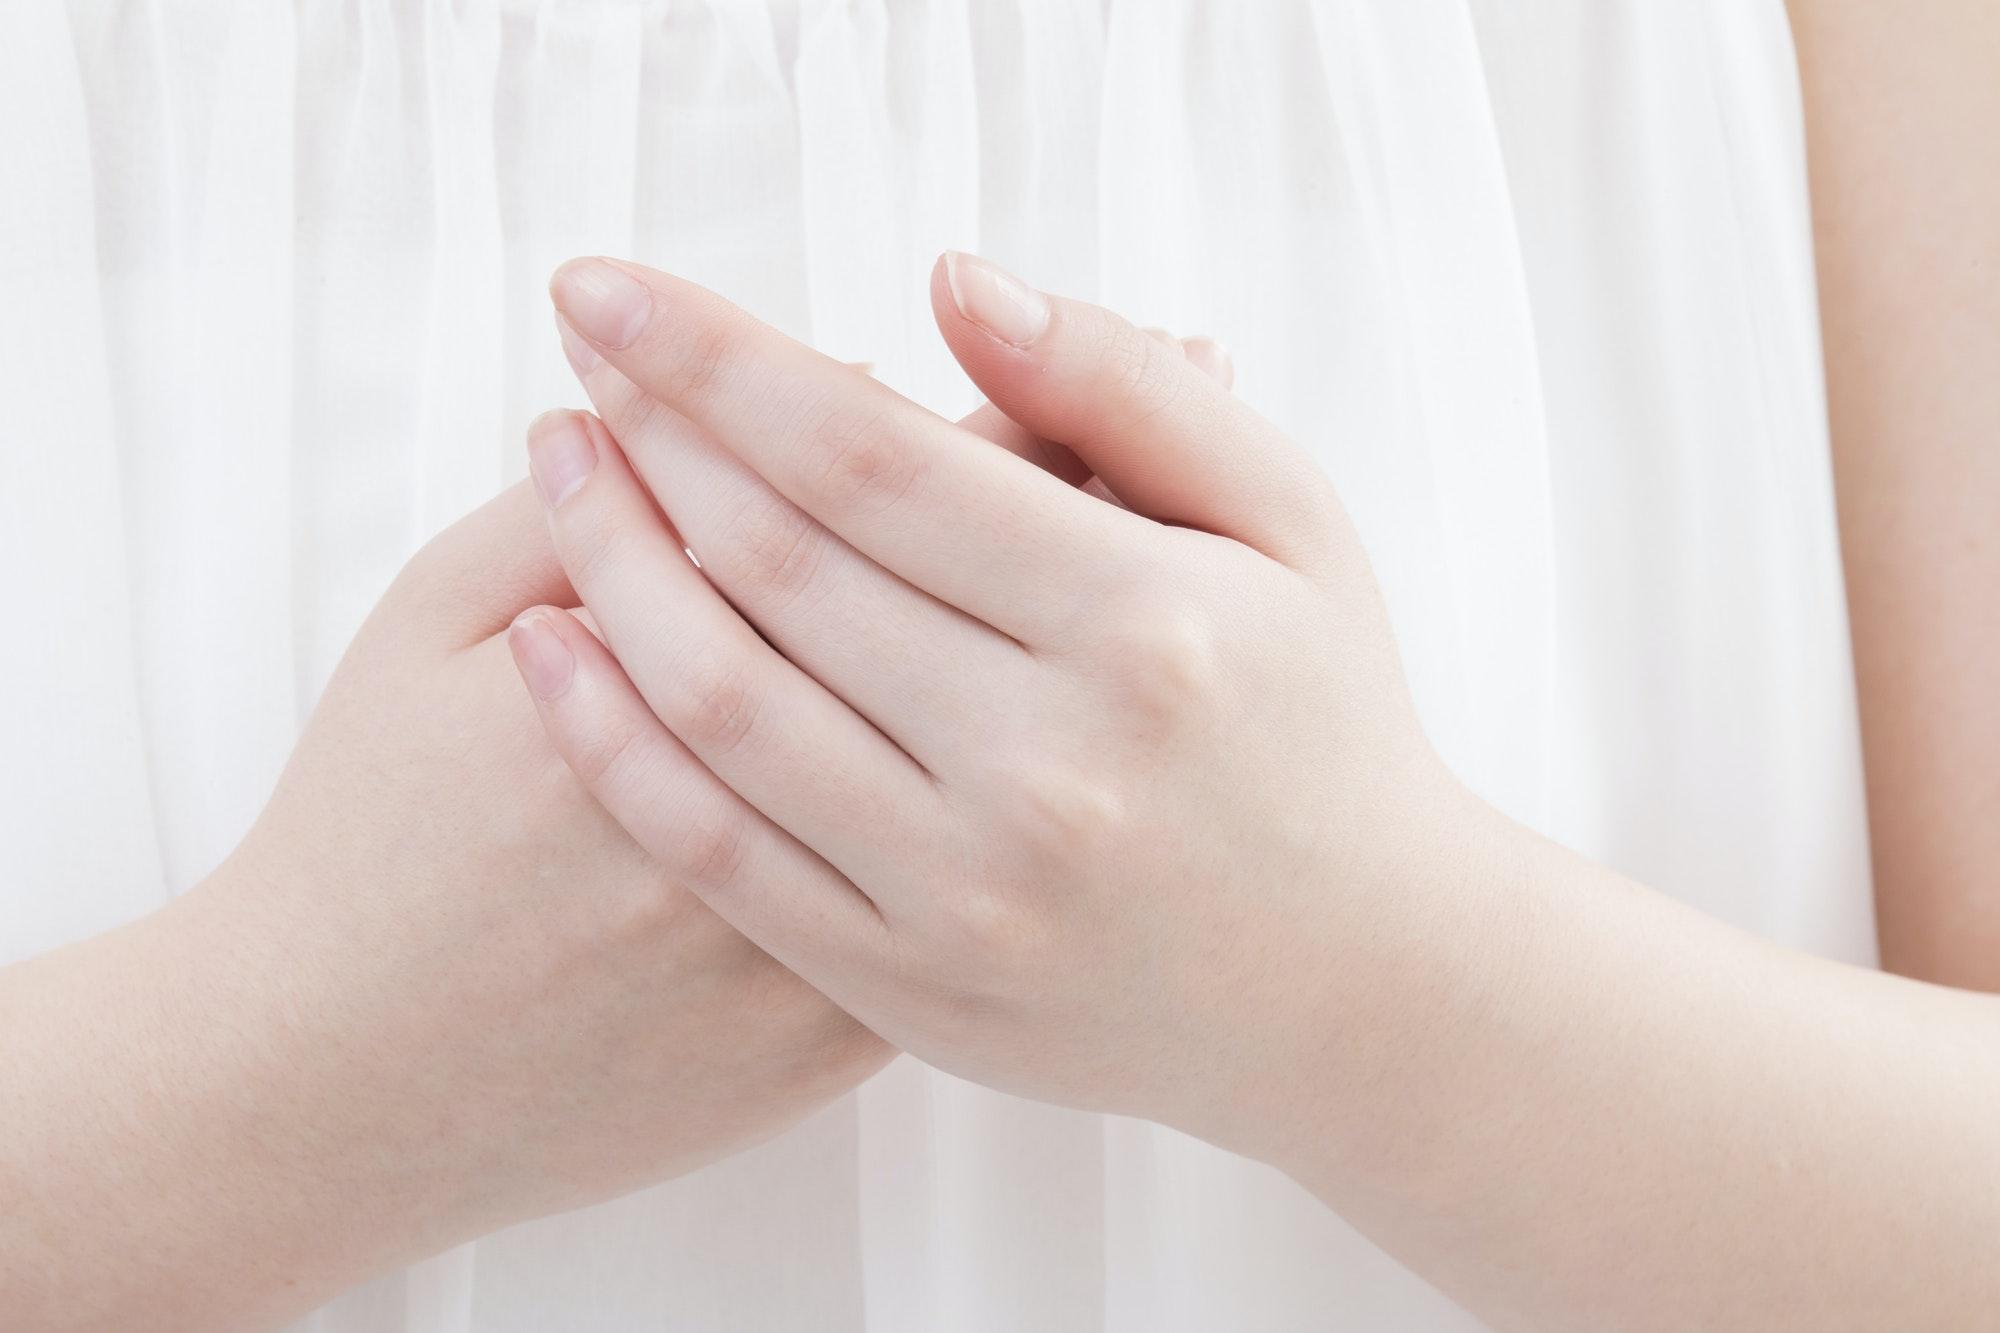 指脱毛の効果や痛みは?メリットや施術前後の注意点を解説